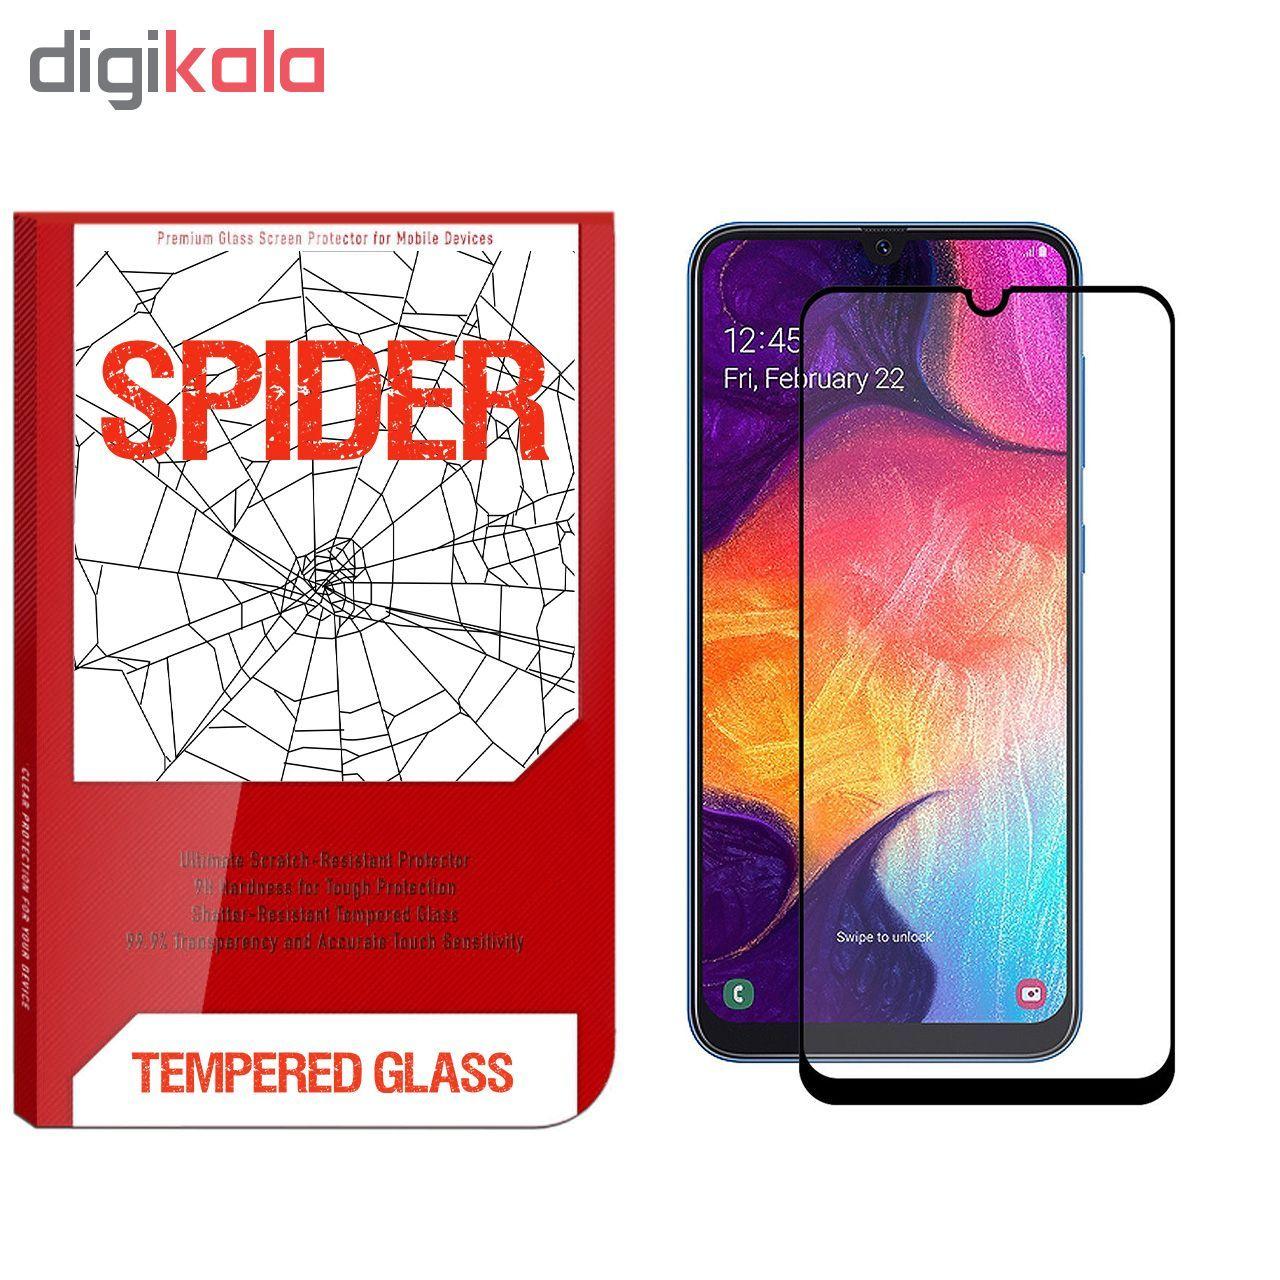 محافظ صفحه نمایش اسپایدر مدل S-FG002 مناسب برای گوشی موبایل سامسونگ Galaxy A50 main 1 1